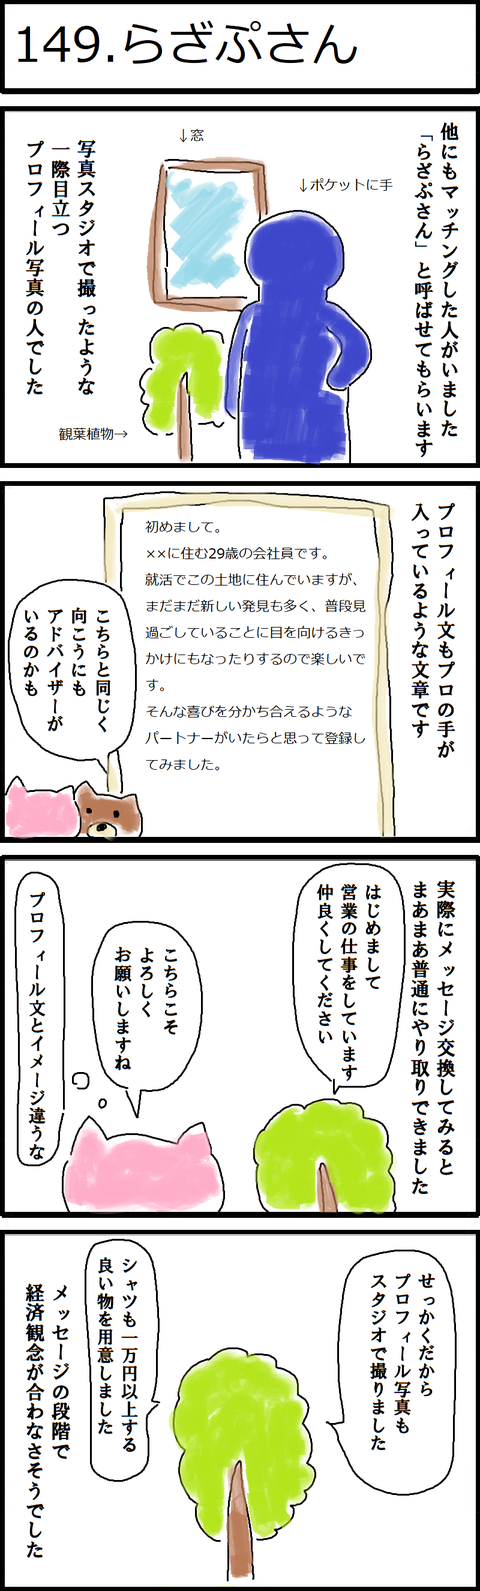 149.らざぷさん①